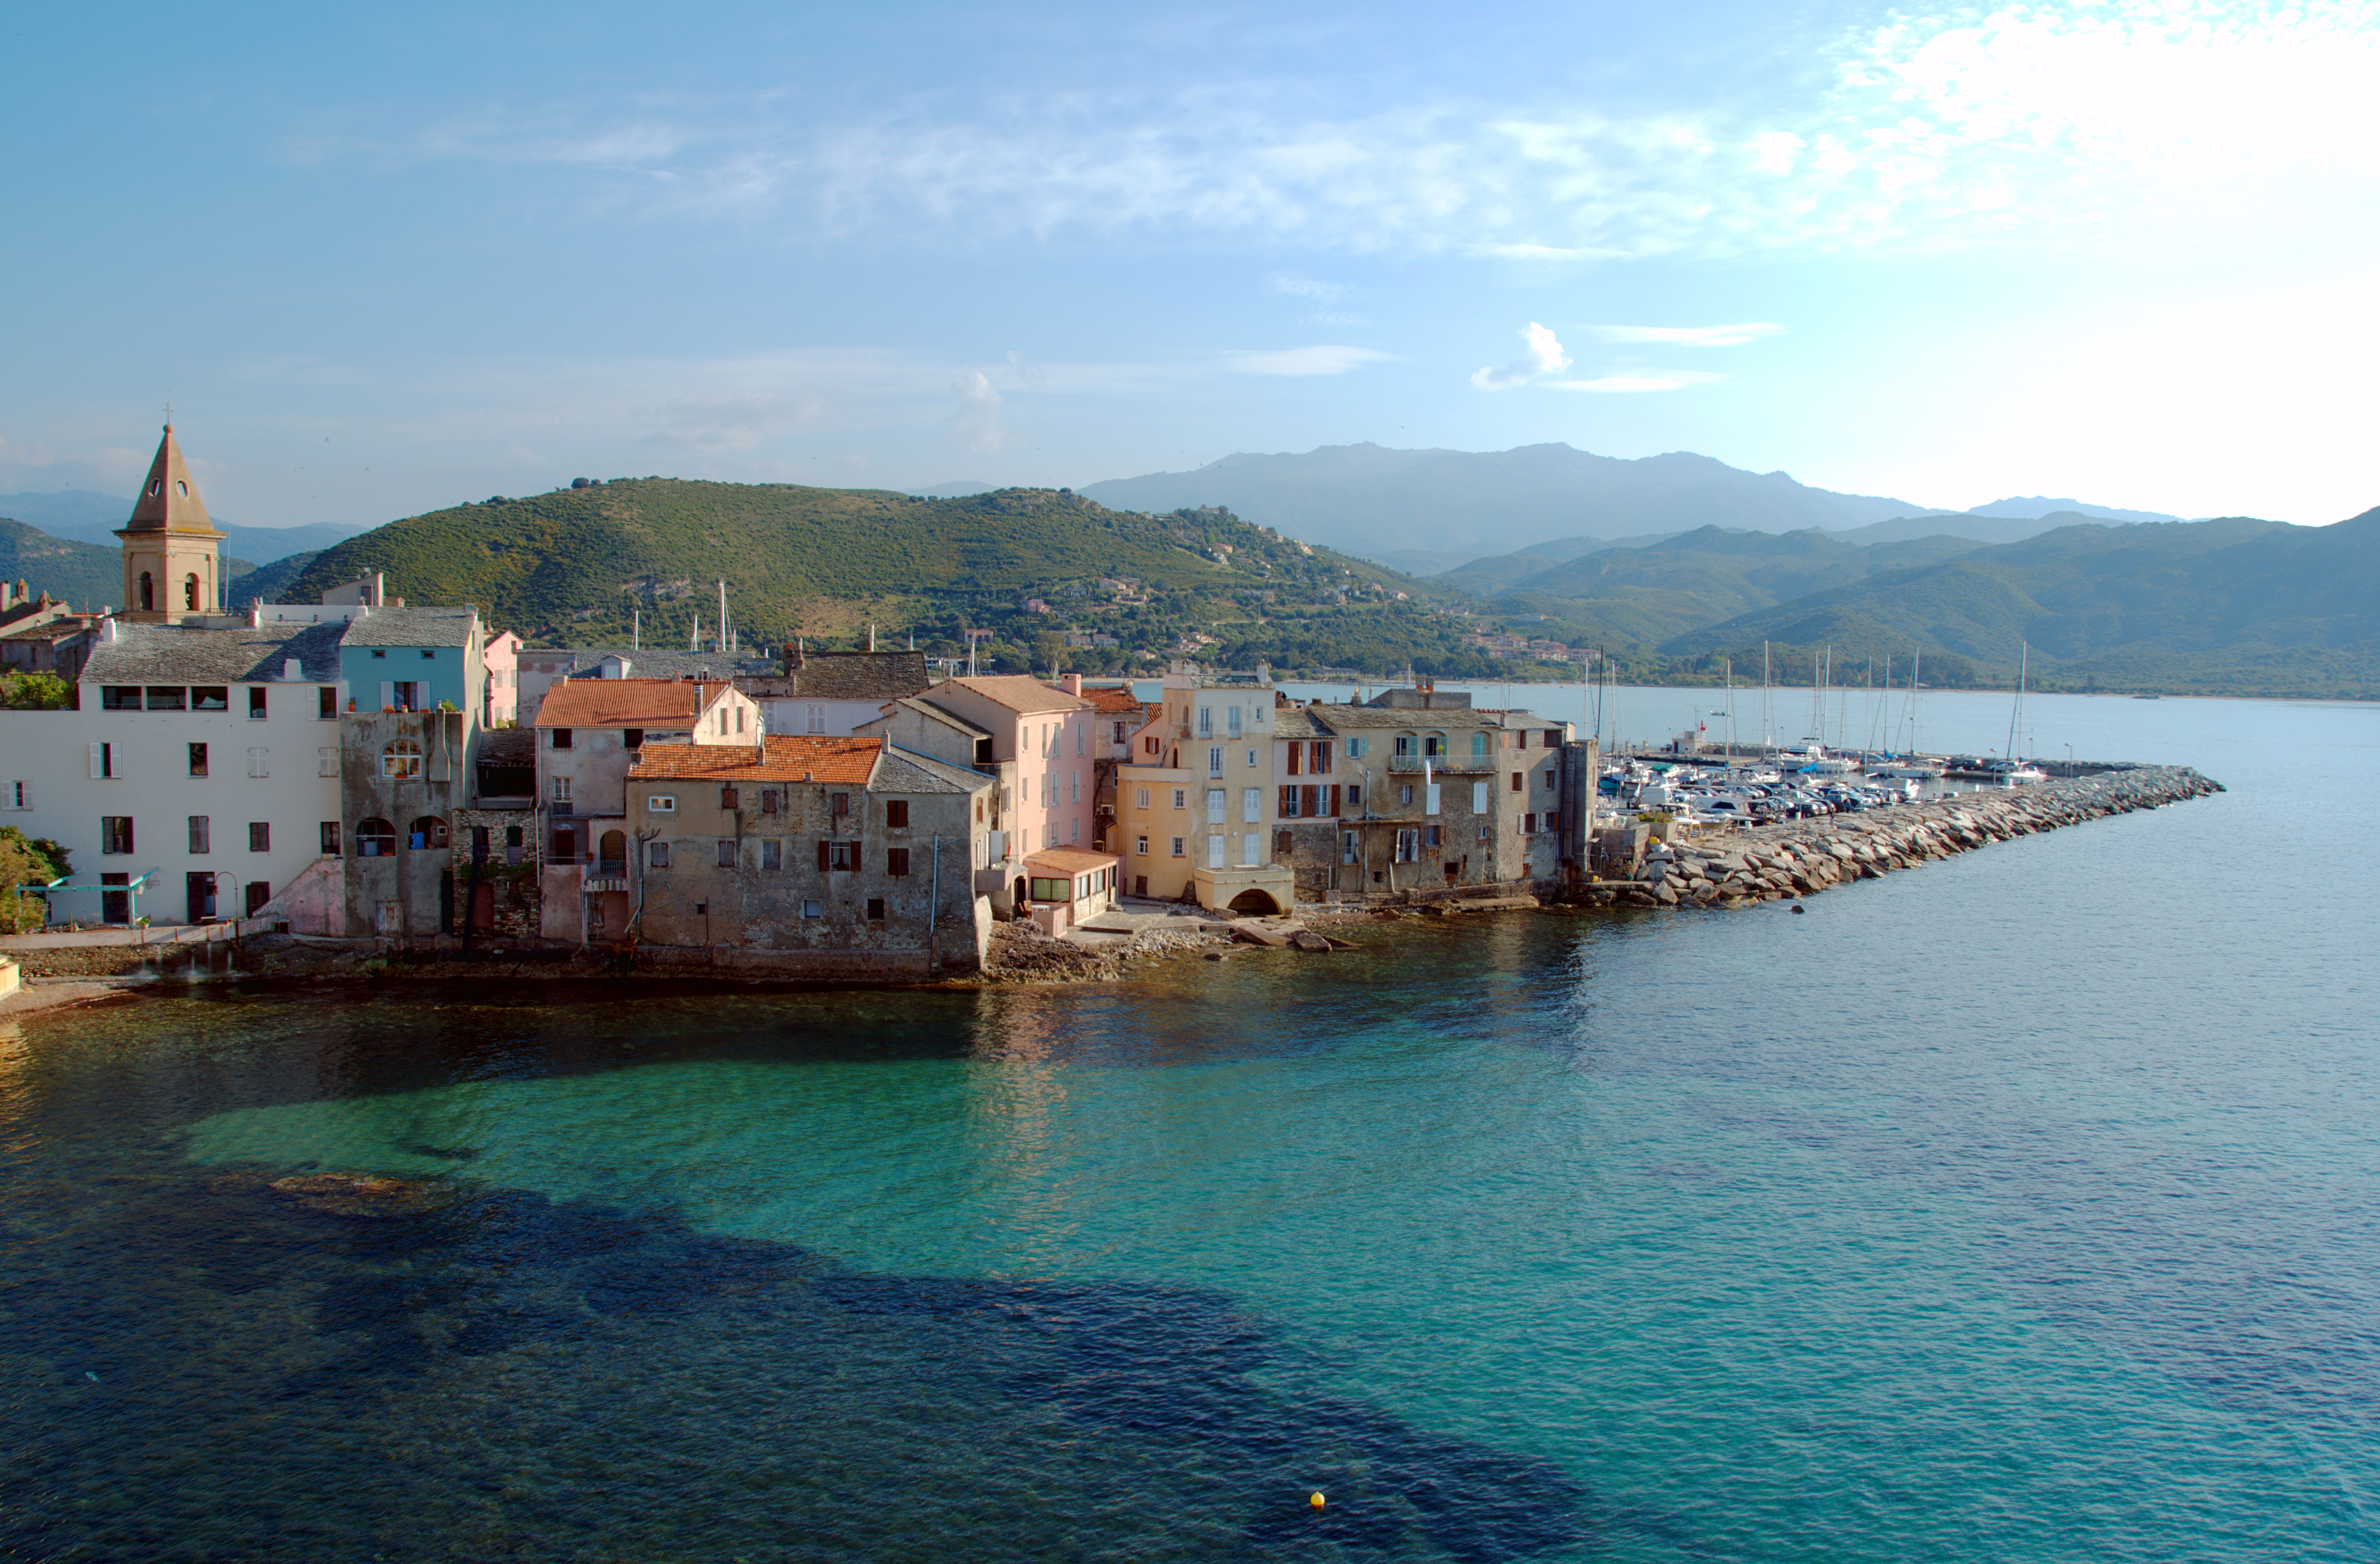 Noleggio Barche St. Florent - Navalia | Noleggia un Sogno